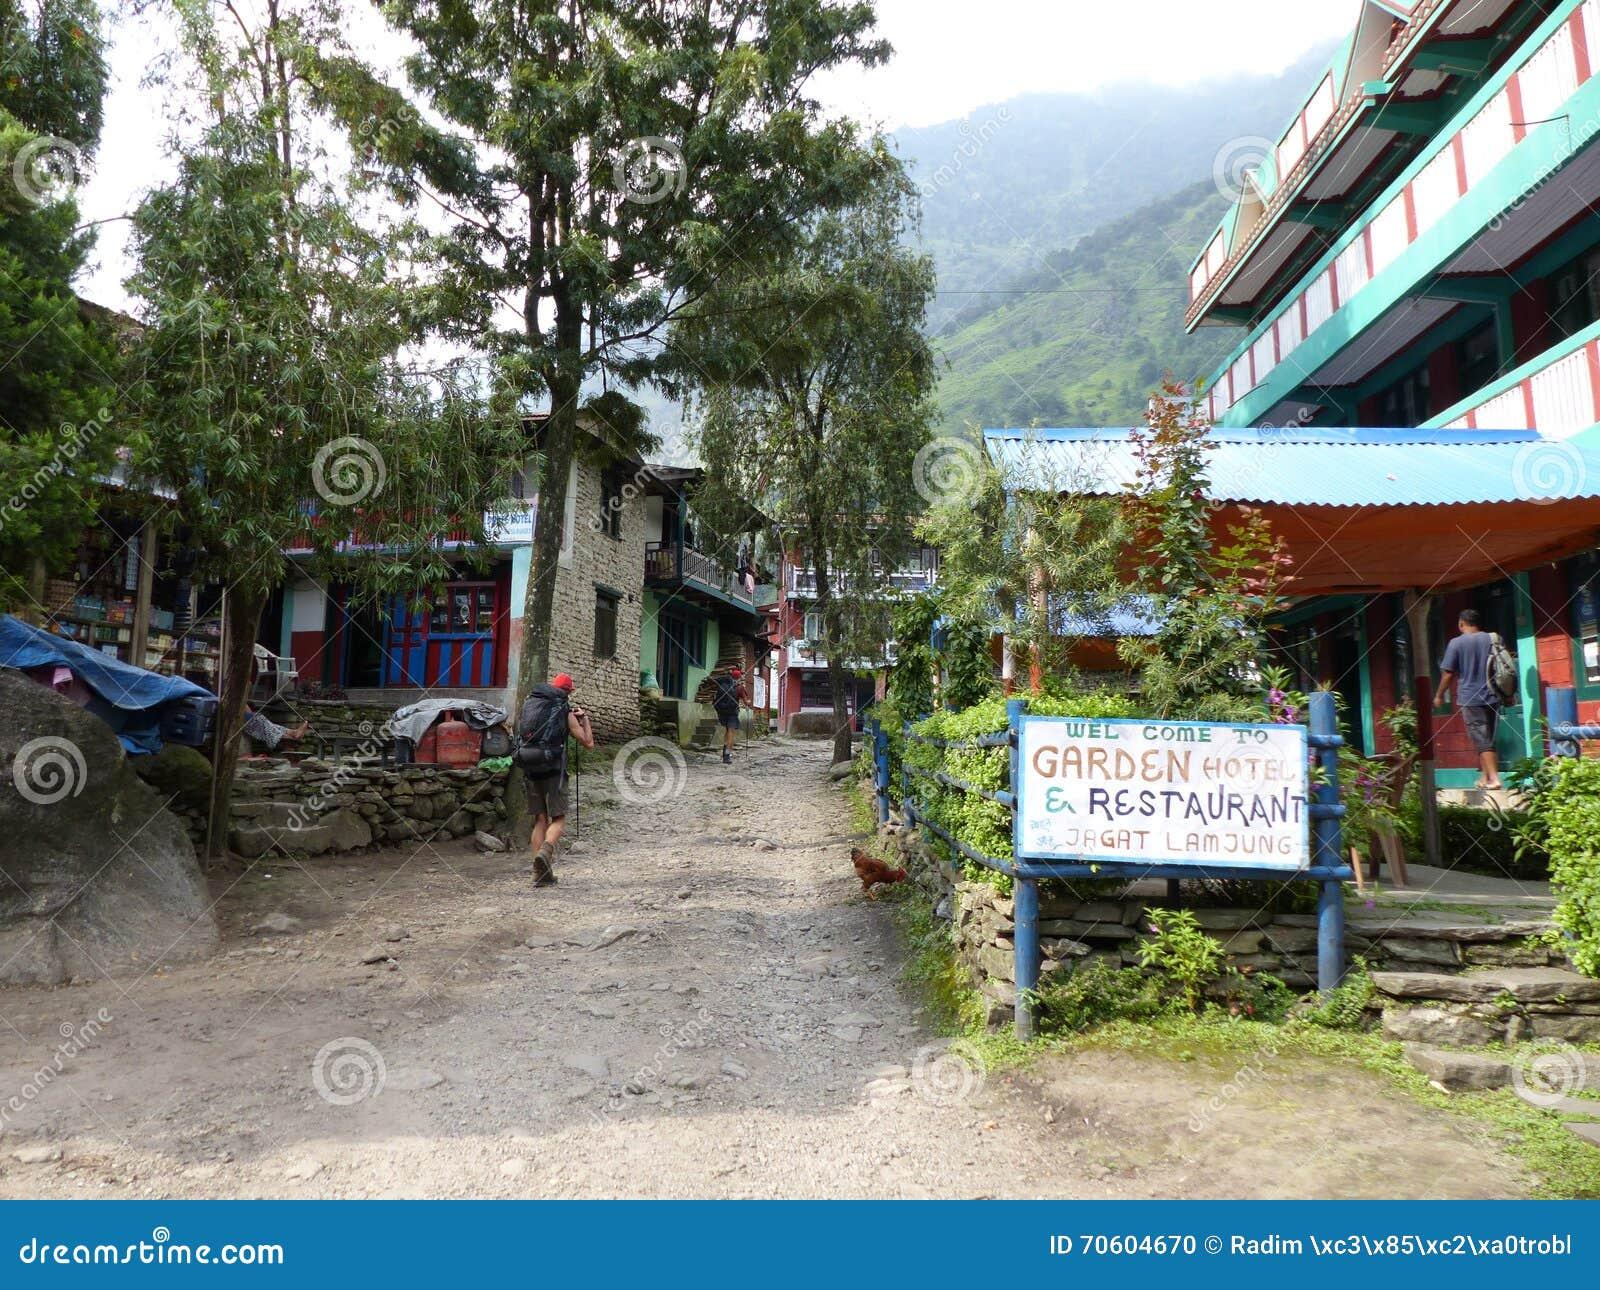 Jomson village